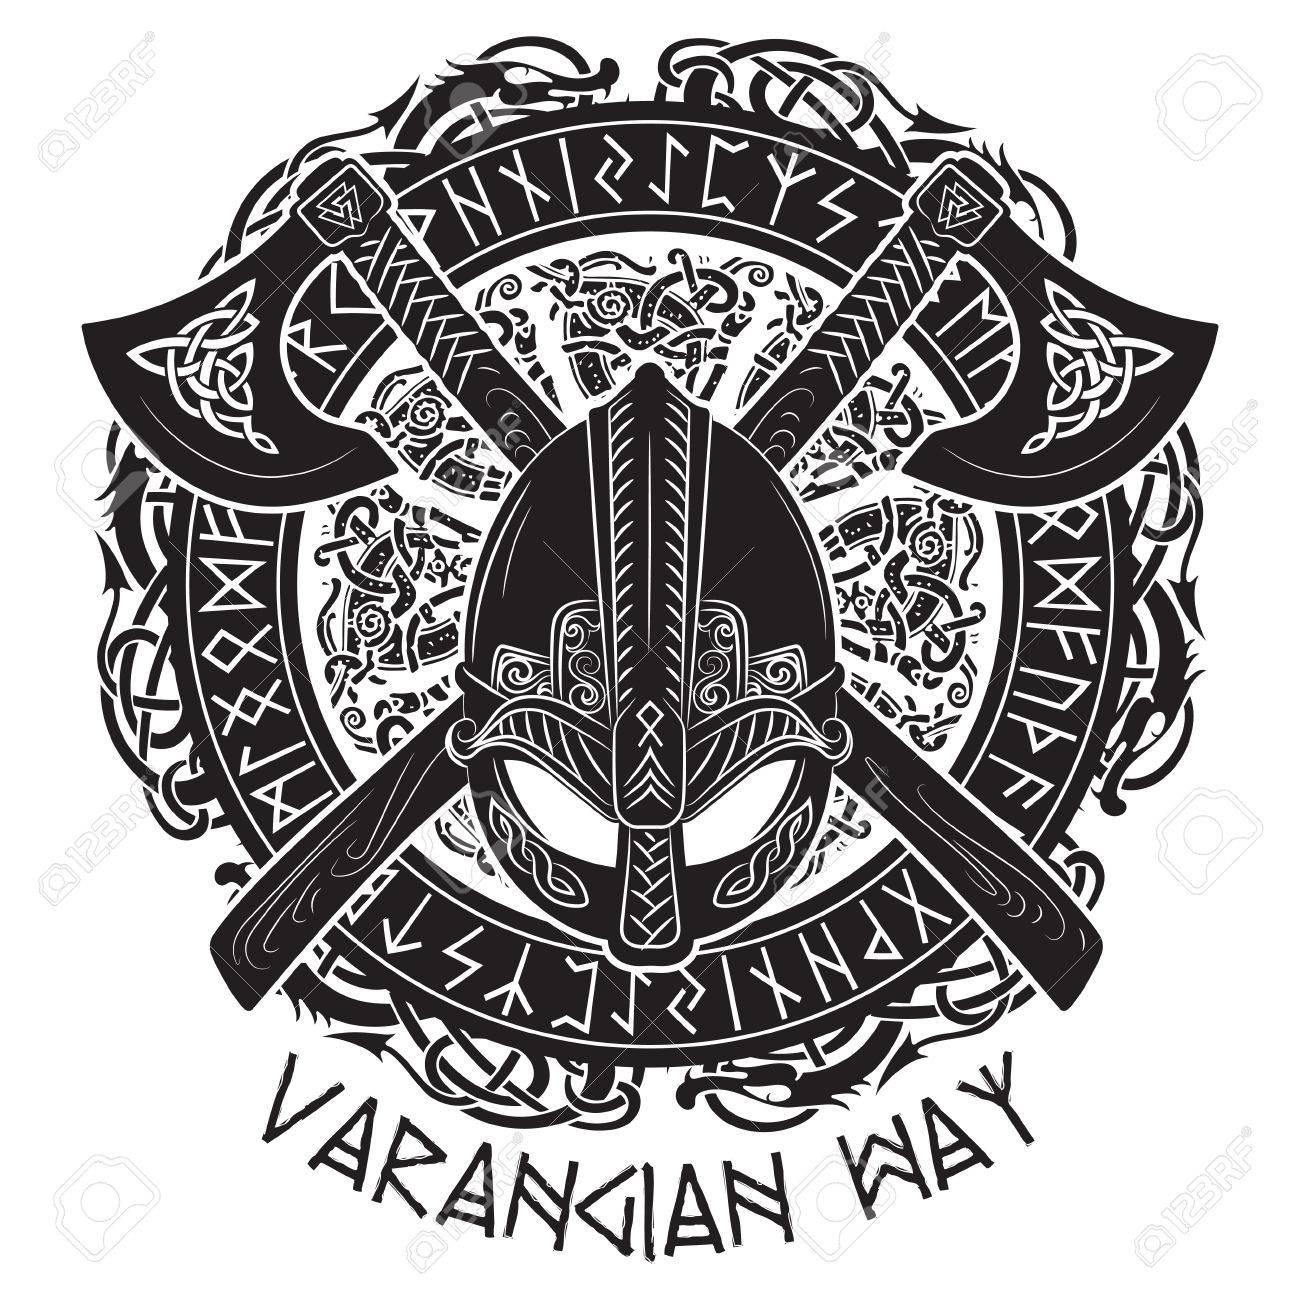 viking helmet crossed viking axes and in a wreath of scandinavian